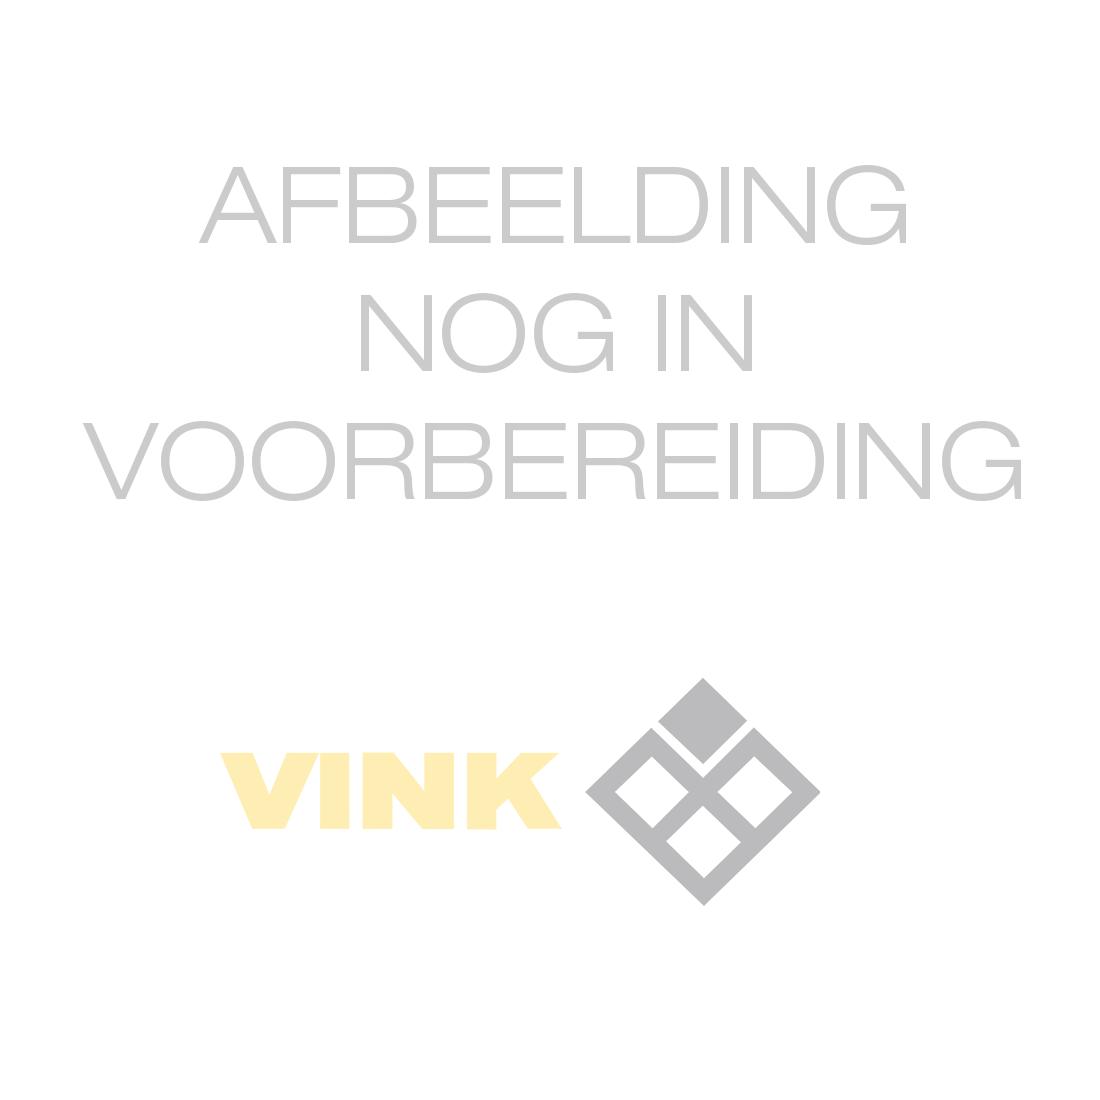 GF ABS VERLOOPSTUK KORT d160 -d110 LIJMEIND/SOK PN10 729900390